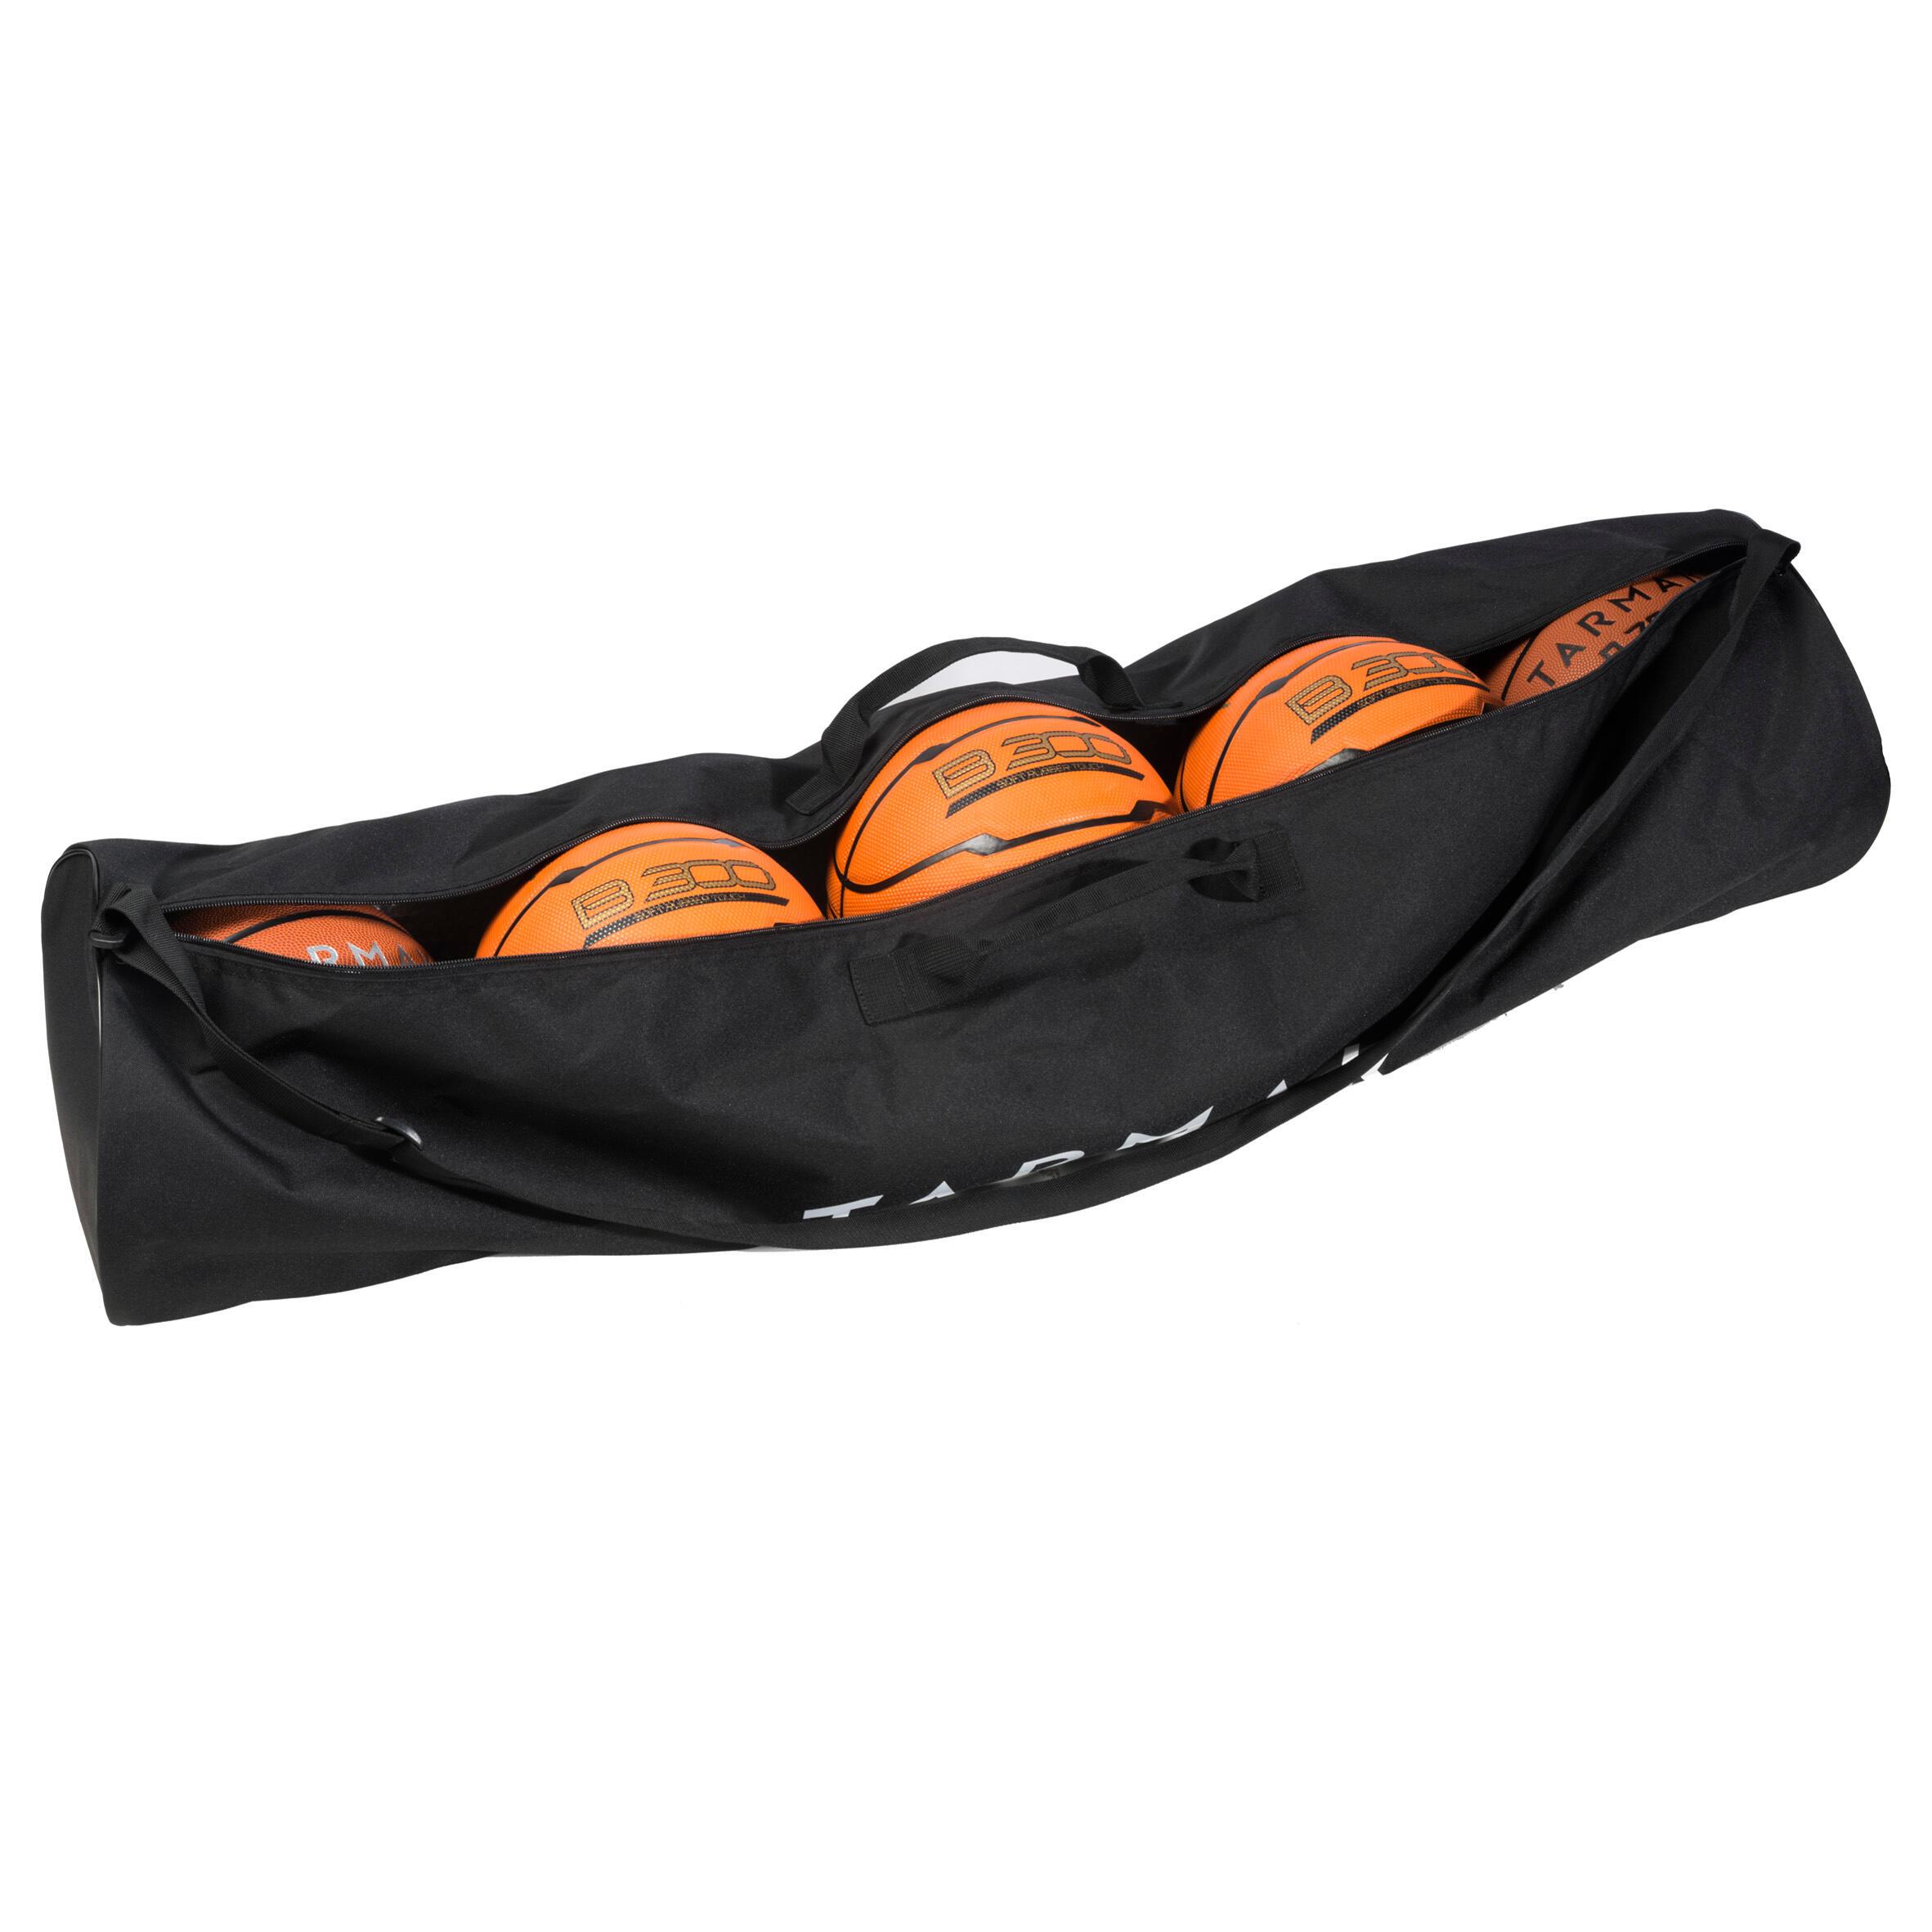 Geantă pentru 5 mingi baschet